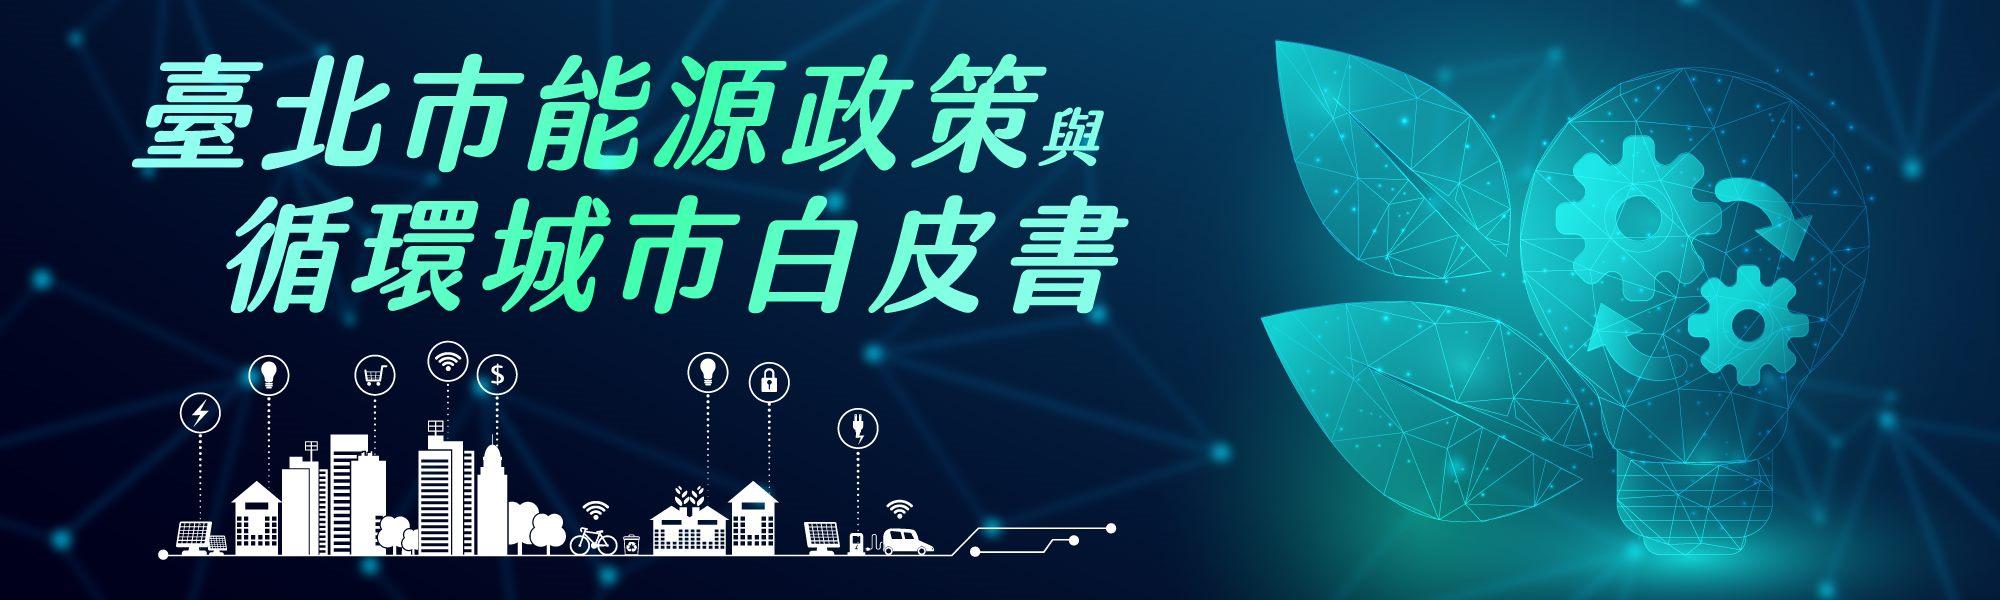 臺北市能源政策與循環城市白皮書